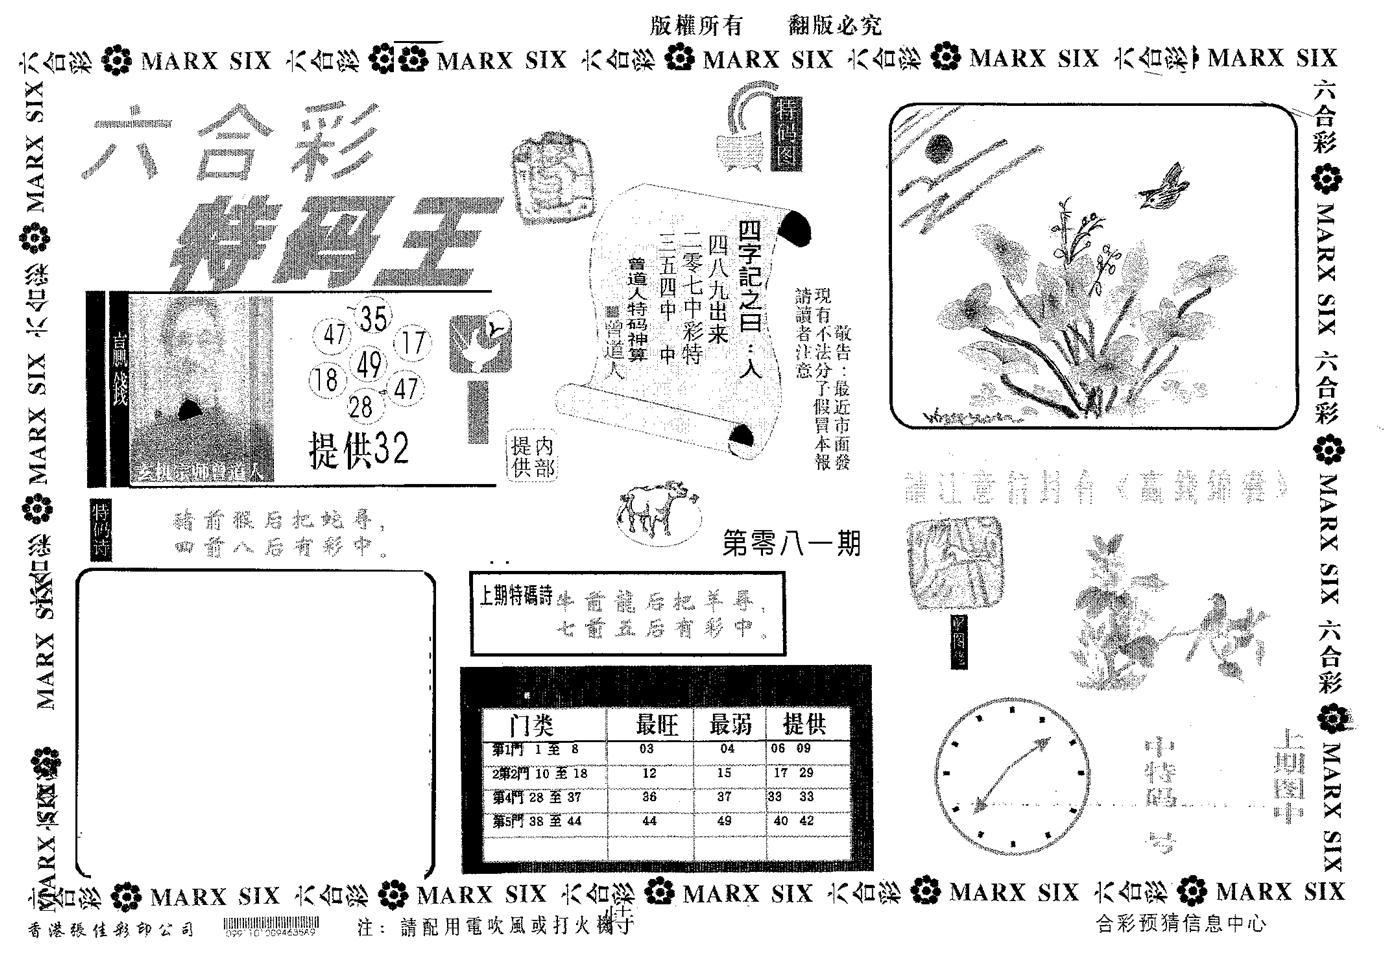 081期特码王A(黑白)